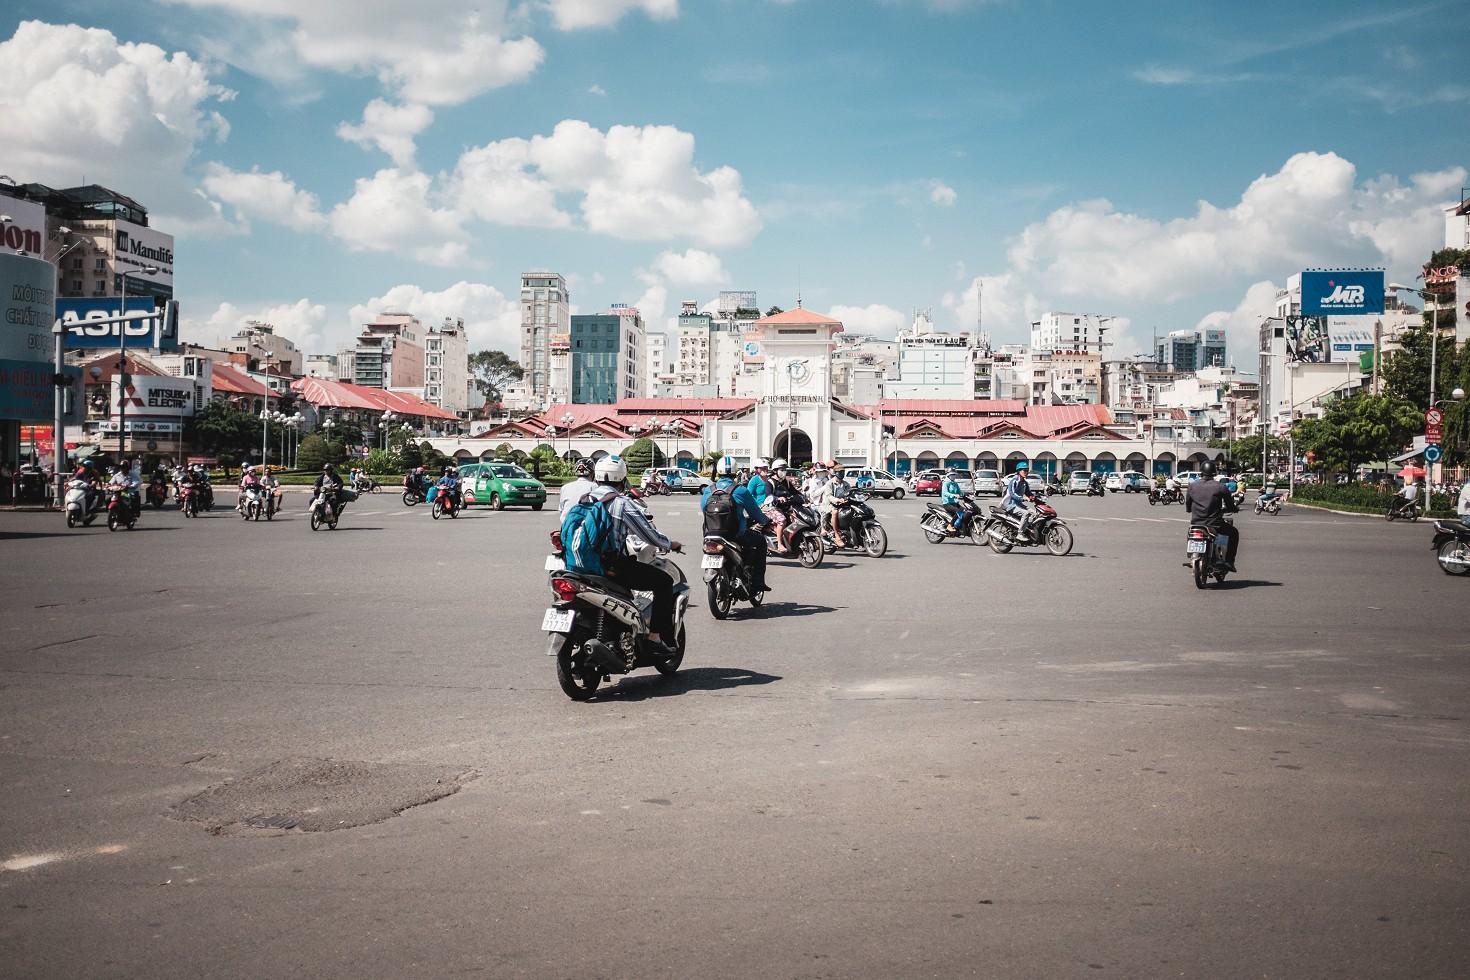 Vietnam-Ho-Chi-Minh-City-Saigon-Reportage (14 von 16)